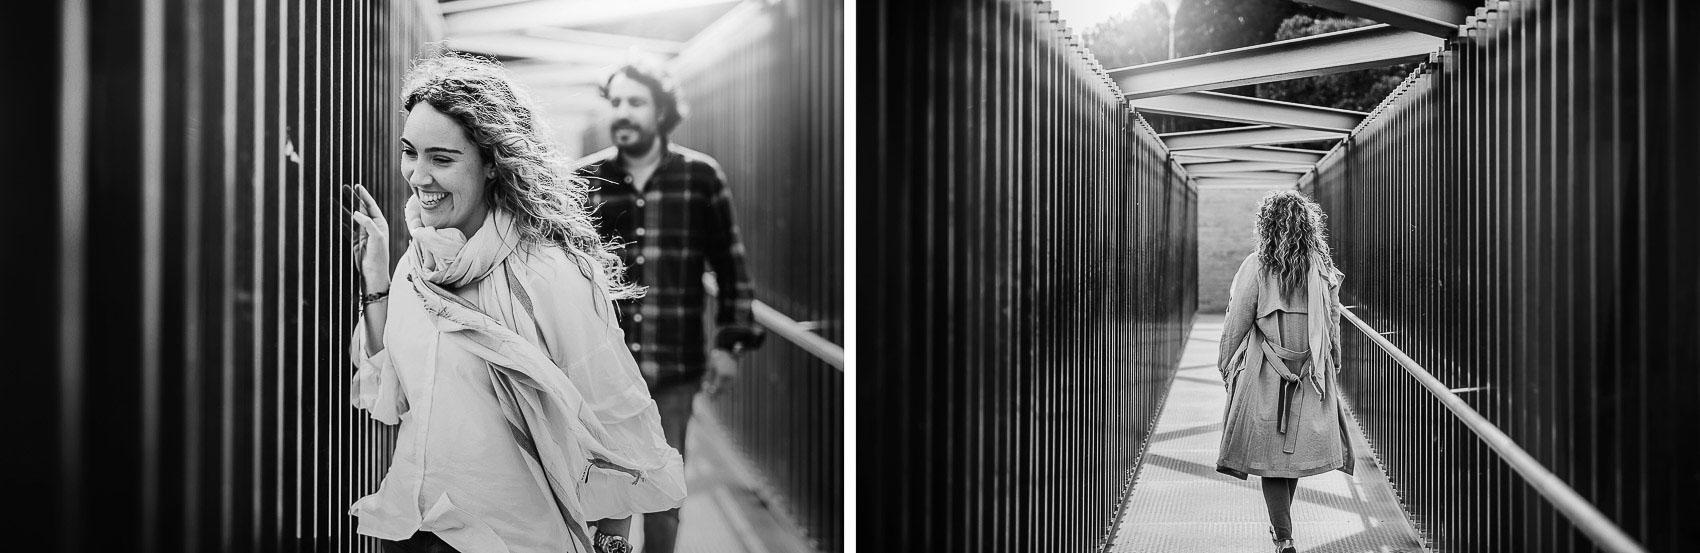 novios pasillo arquitecura fotografia blanco y negro